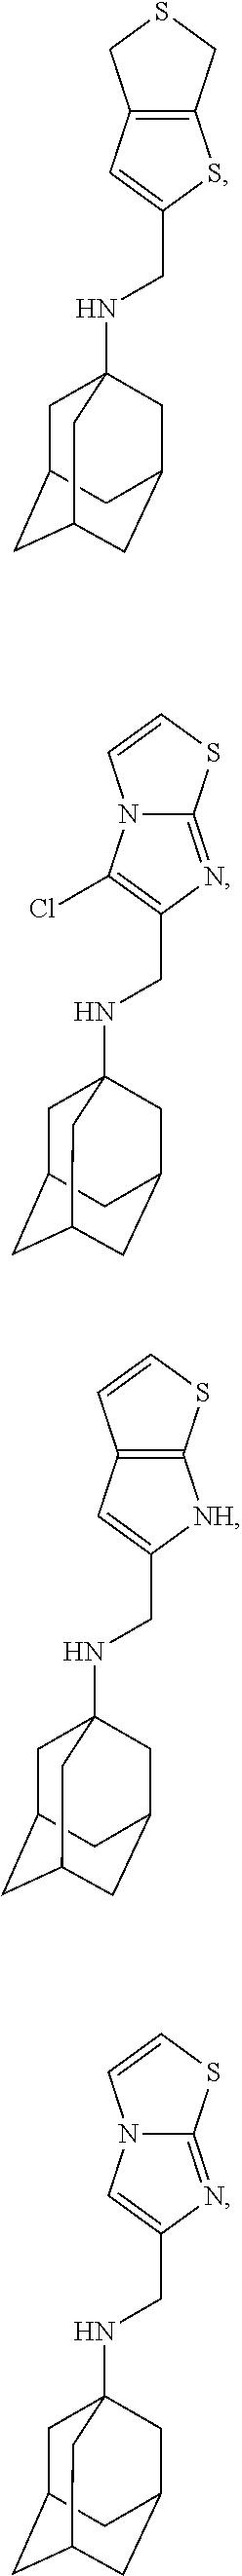 Figure US09884832-20180206-C00023